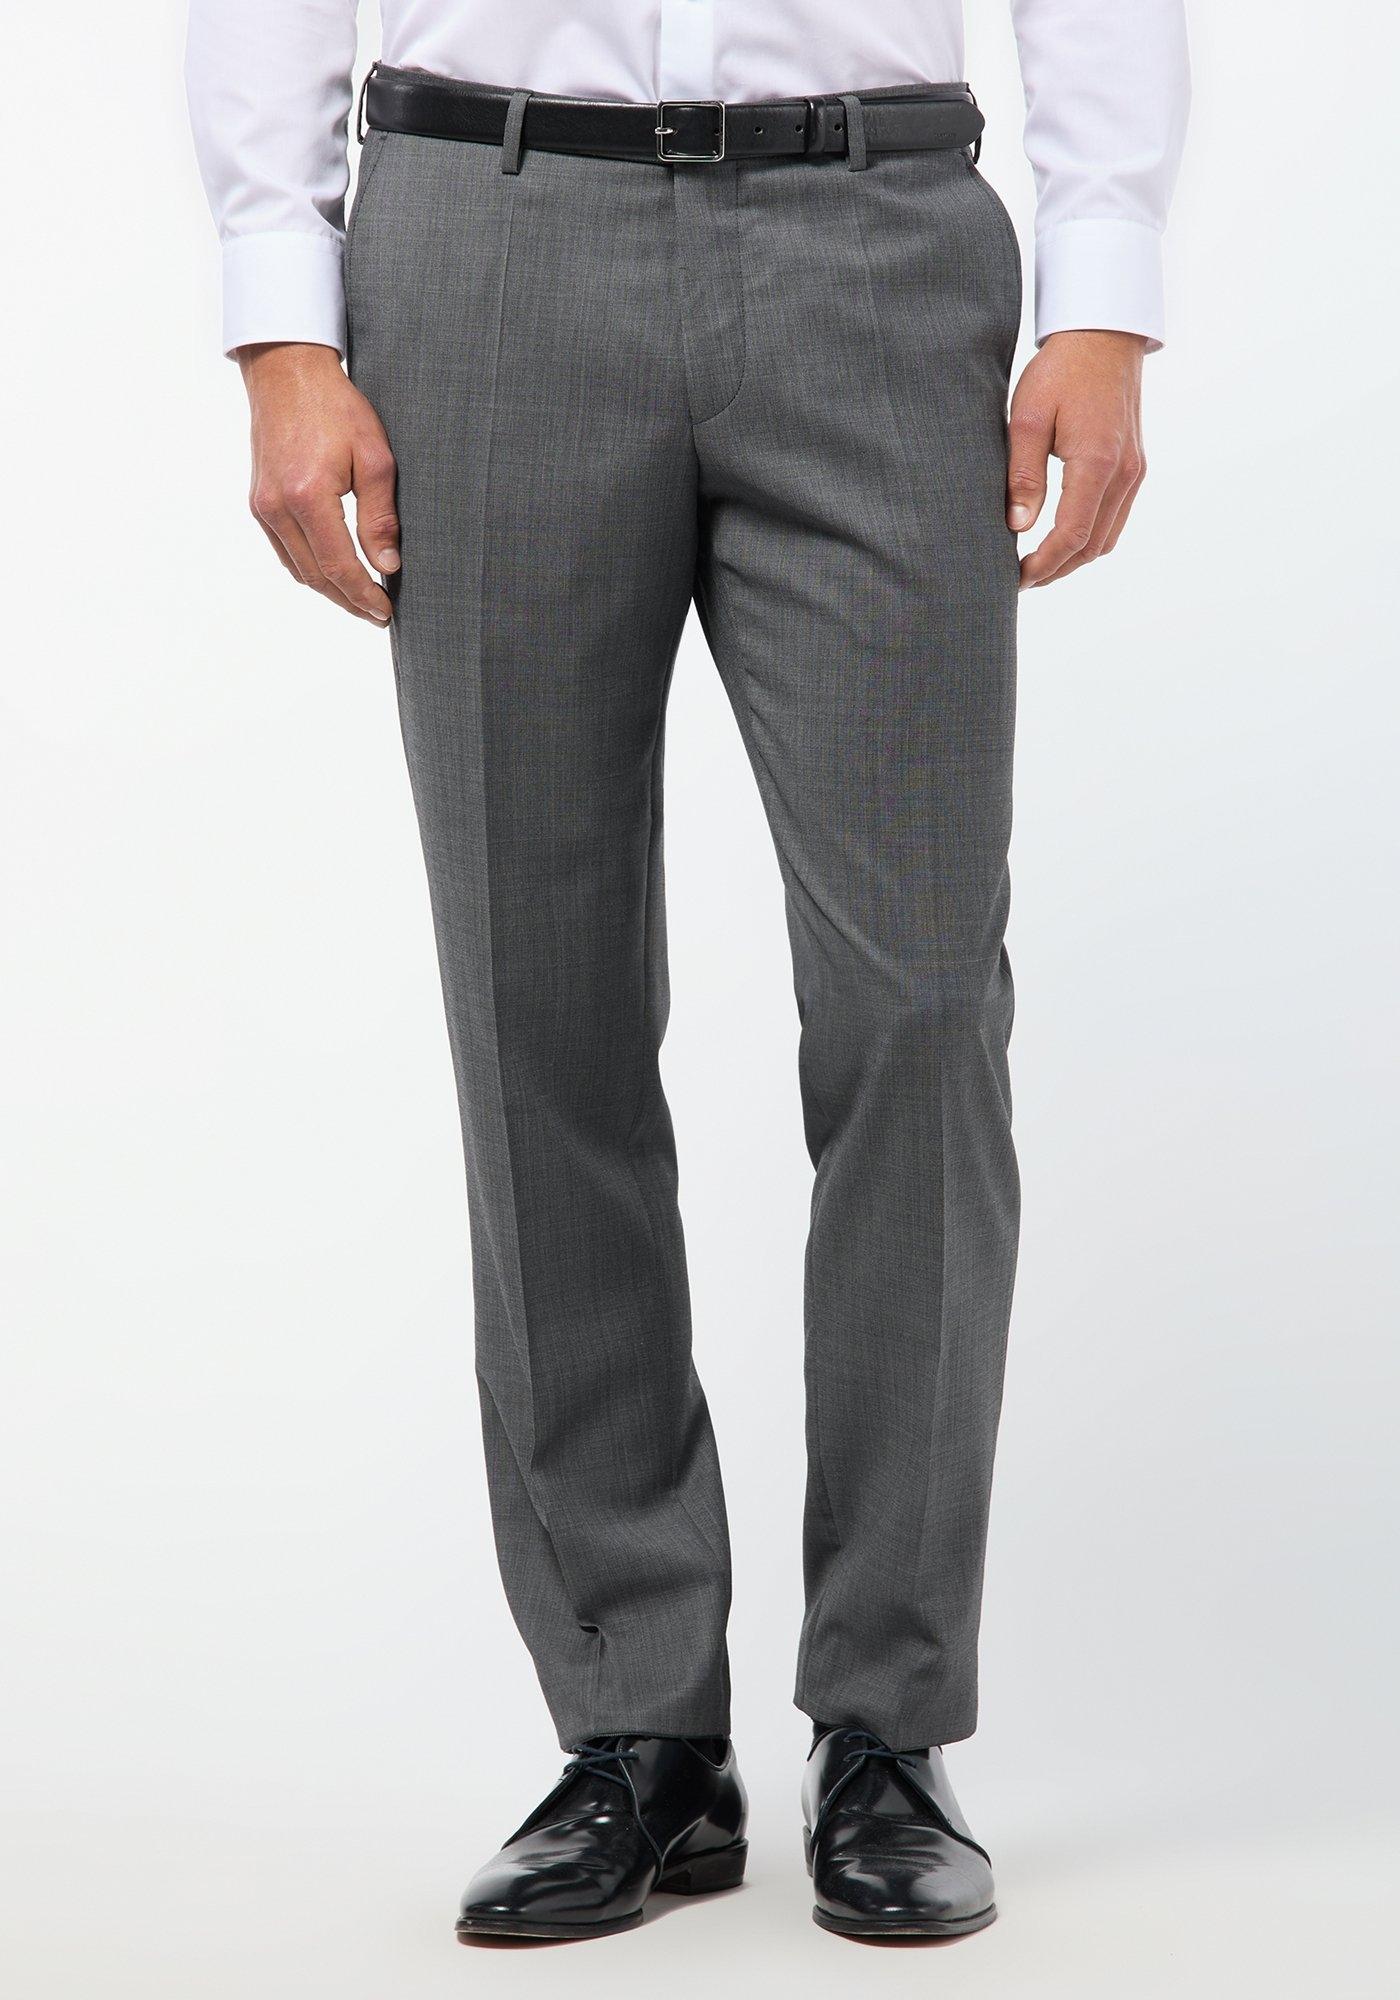 Pierre Cardin Modulaire broek - Regular Fit »Damien« voordelig en veilig online kopen